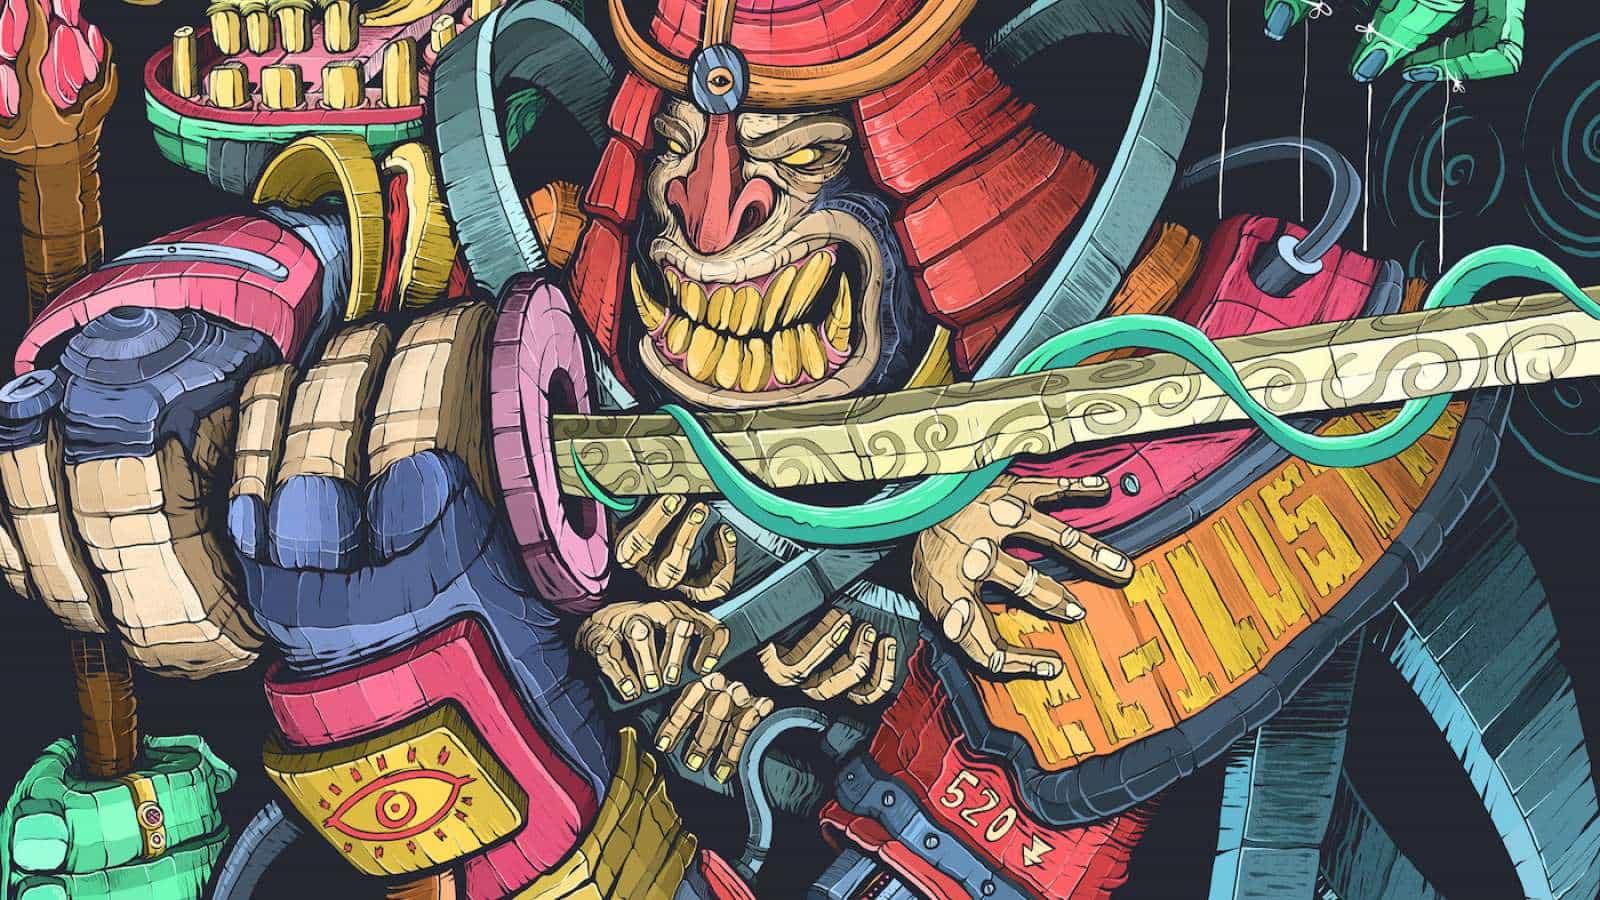 Si no se siguen EL ILUSTRADOR en Behance debe dejar de todo, haga clic en el enlace y comenzar a seguirlo. La ilustración de trabajo que comparte es simplemente de primera categoría especialmente si estamos hablando acerca de los detalles y texturas (Ni siquiera sé si esa es la forma correcta para describirlo), sin embargo, el proyecto titulado El Rey Mono - Sun Wu-Kong es la mejor manera de ilustrar mi punto, sin juego de palabras.